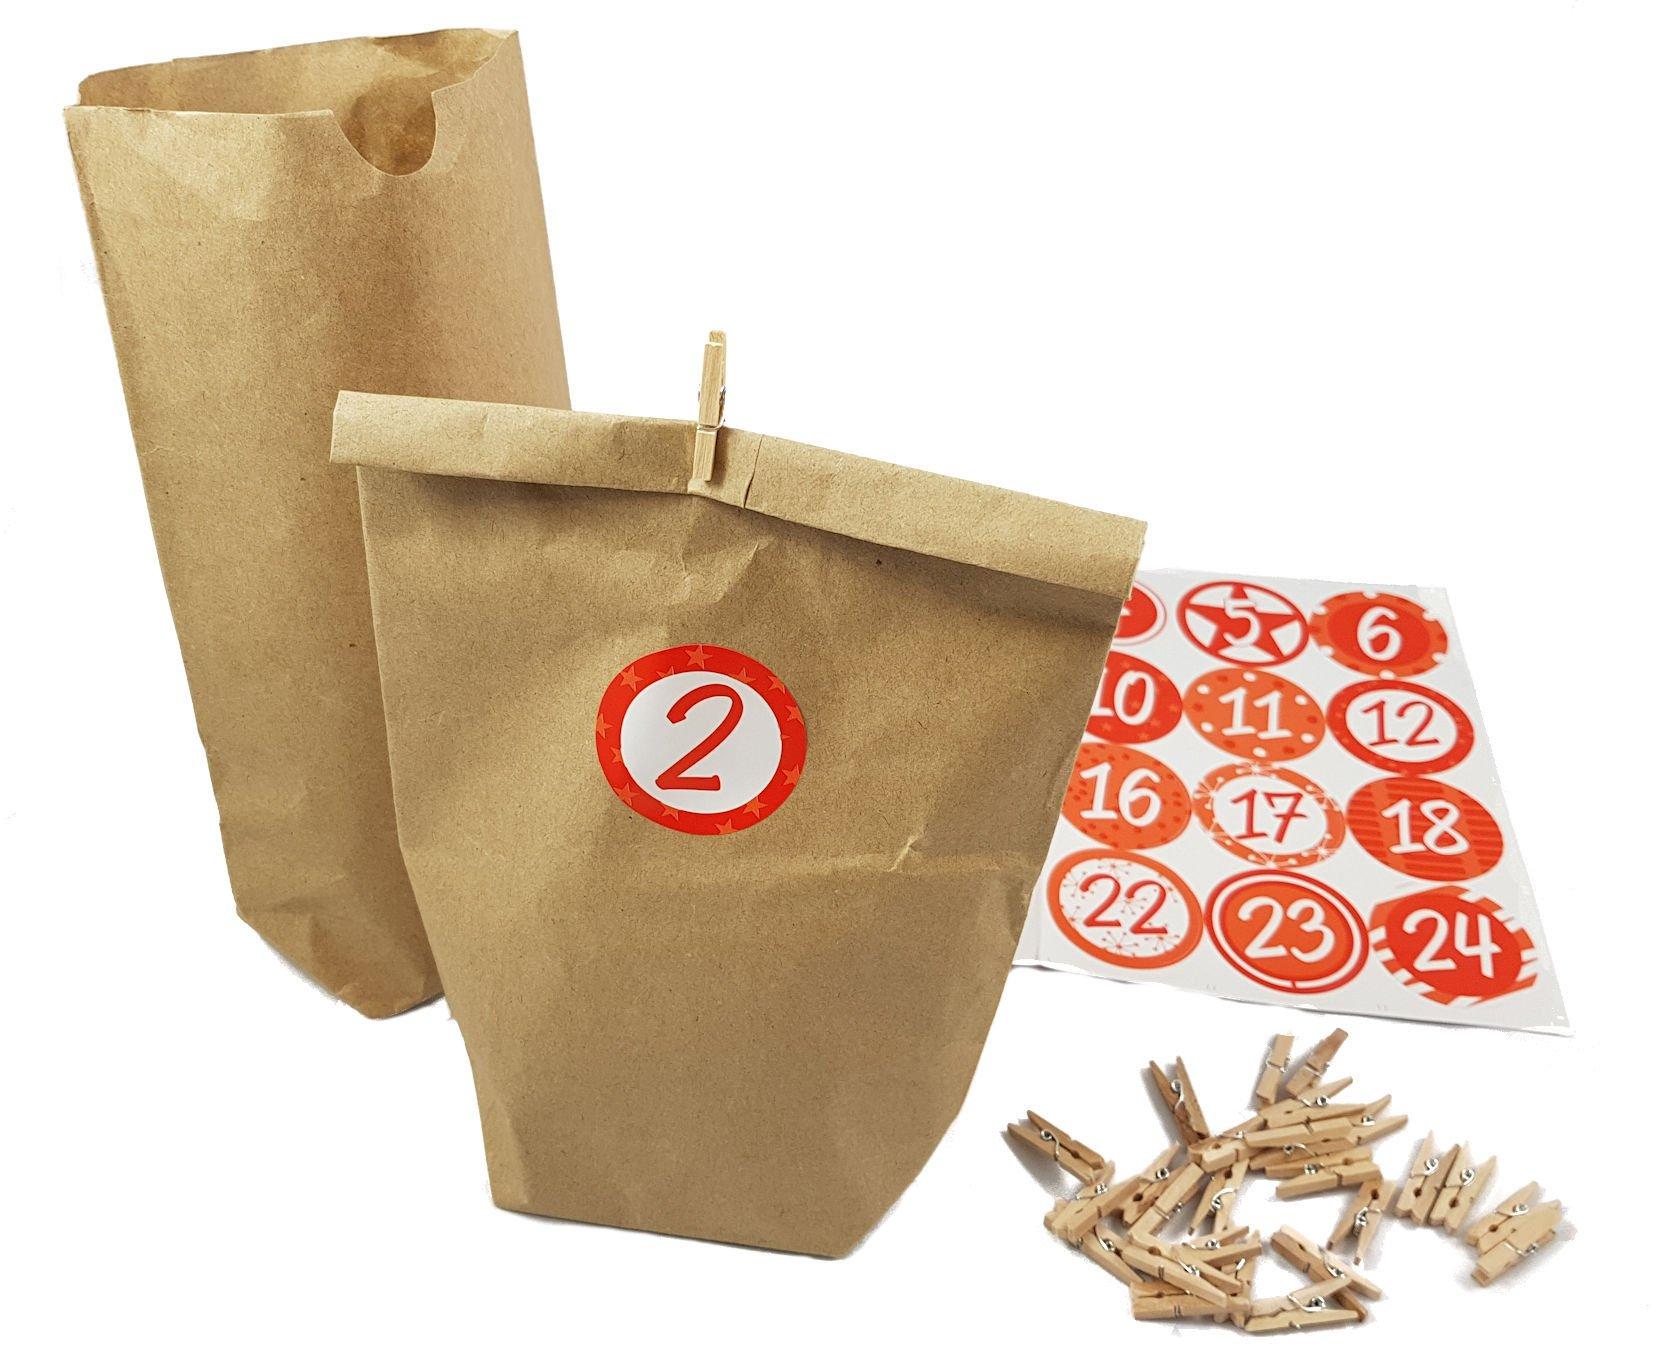 Adventskalender mit Papiertüten, 24 weihnachtlichen Stickern und 24 Holz Klammern - Adventskalender zum selber befüllen 1